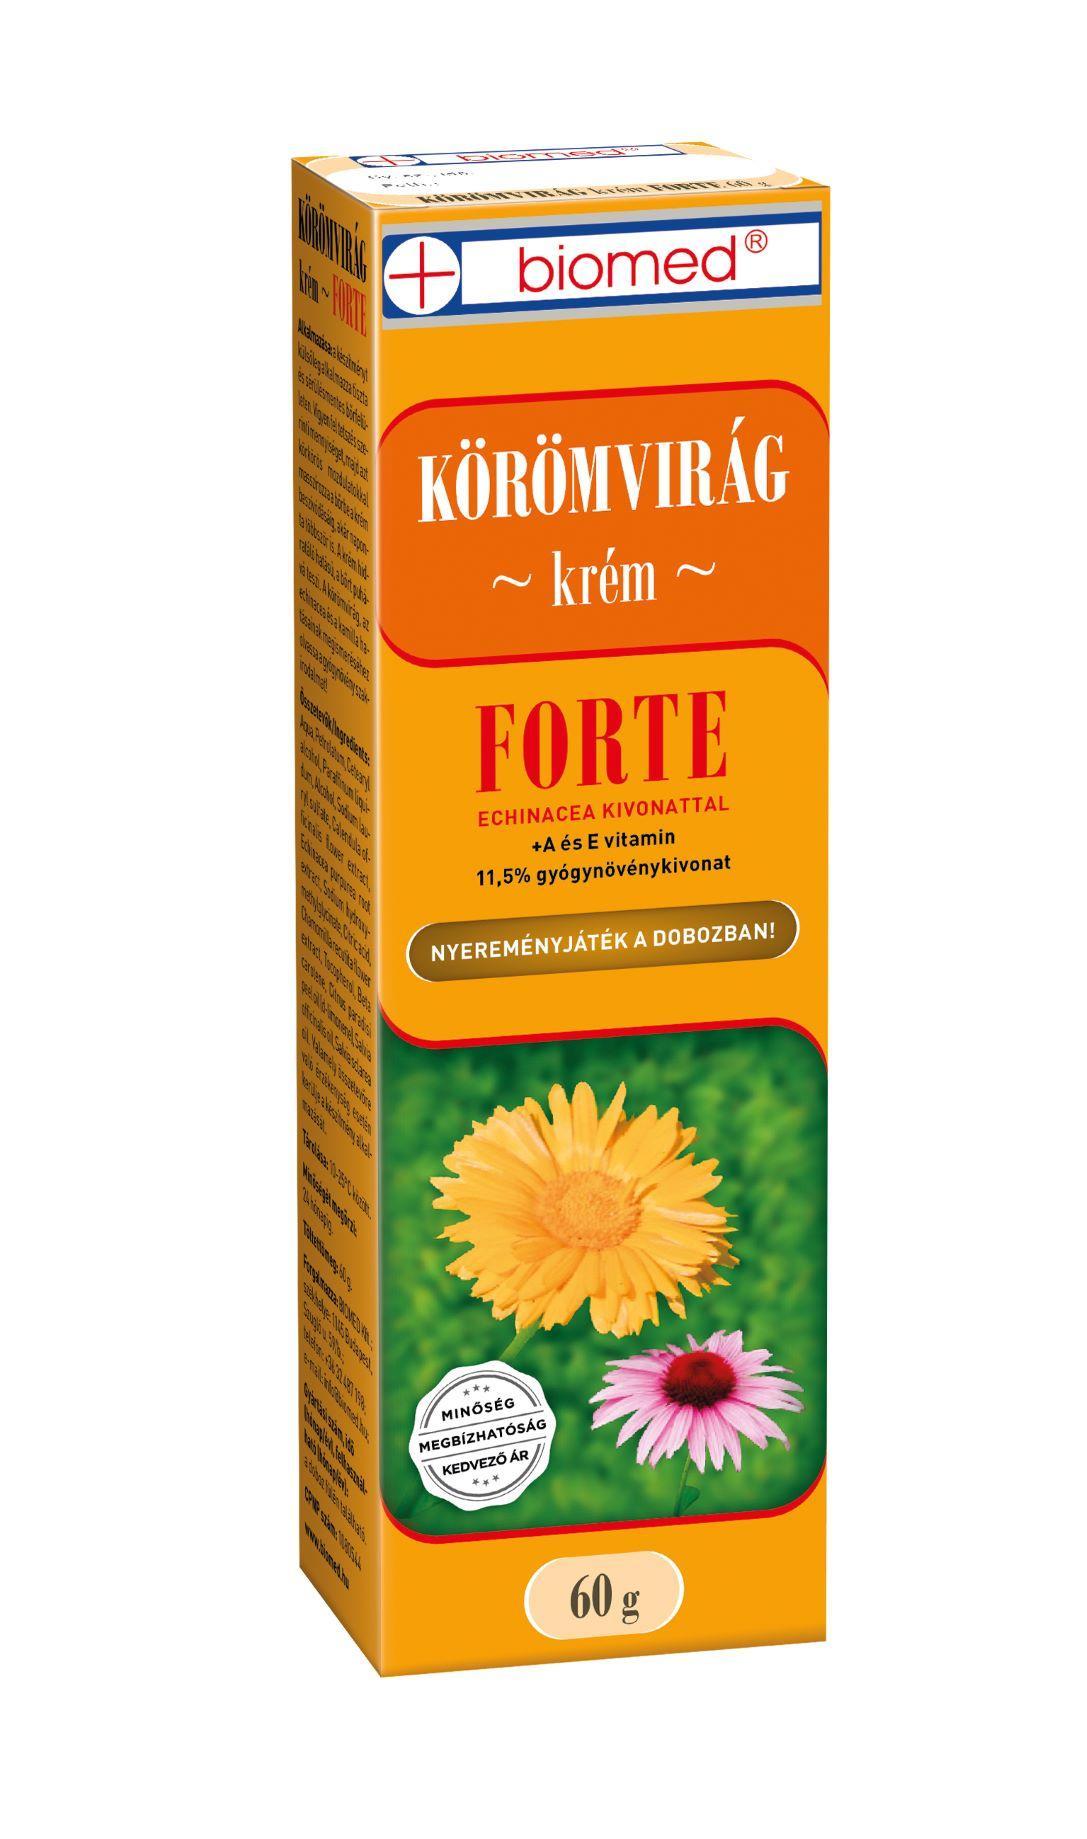 Biomed Körömvirág krém Forte 60g